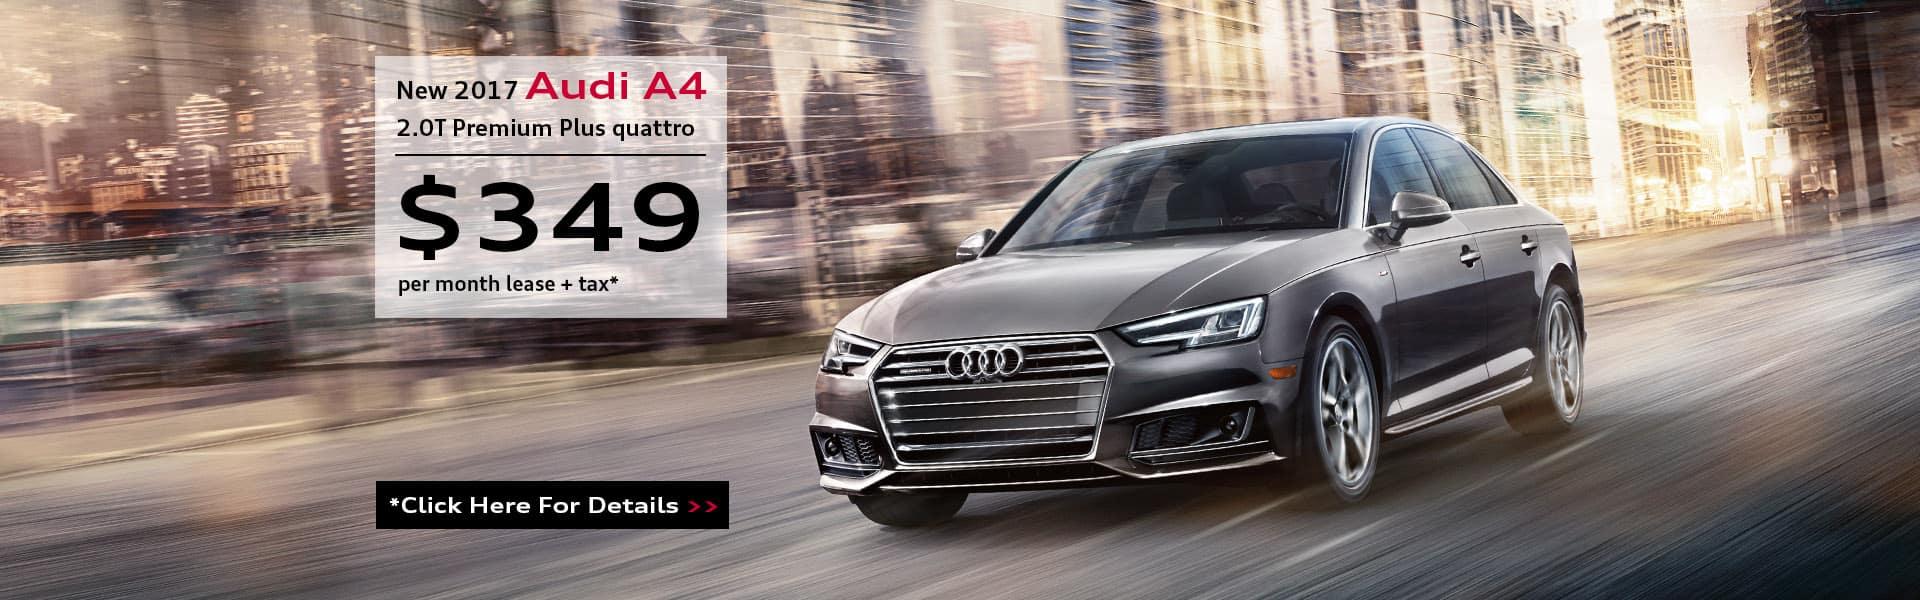 2018 Audi Maintenance Schedule Best Car Update 2019 2020 By